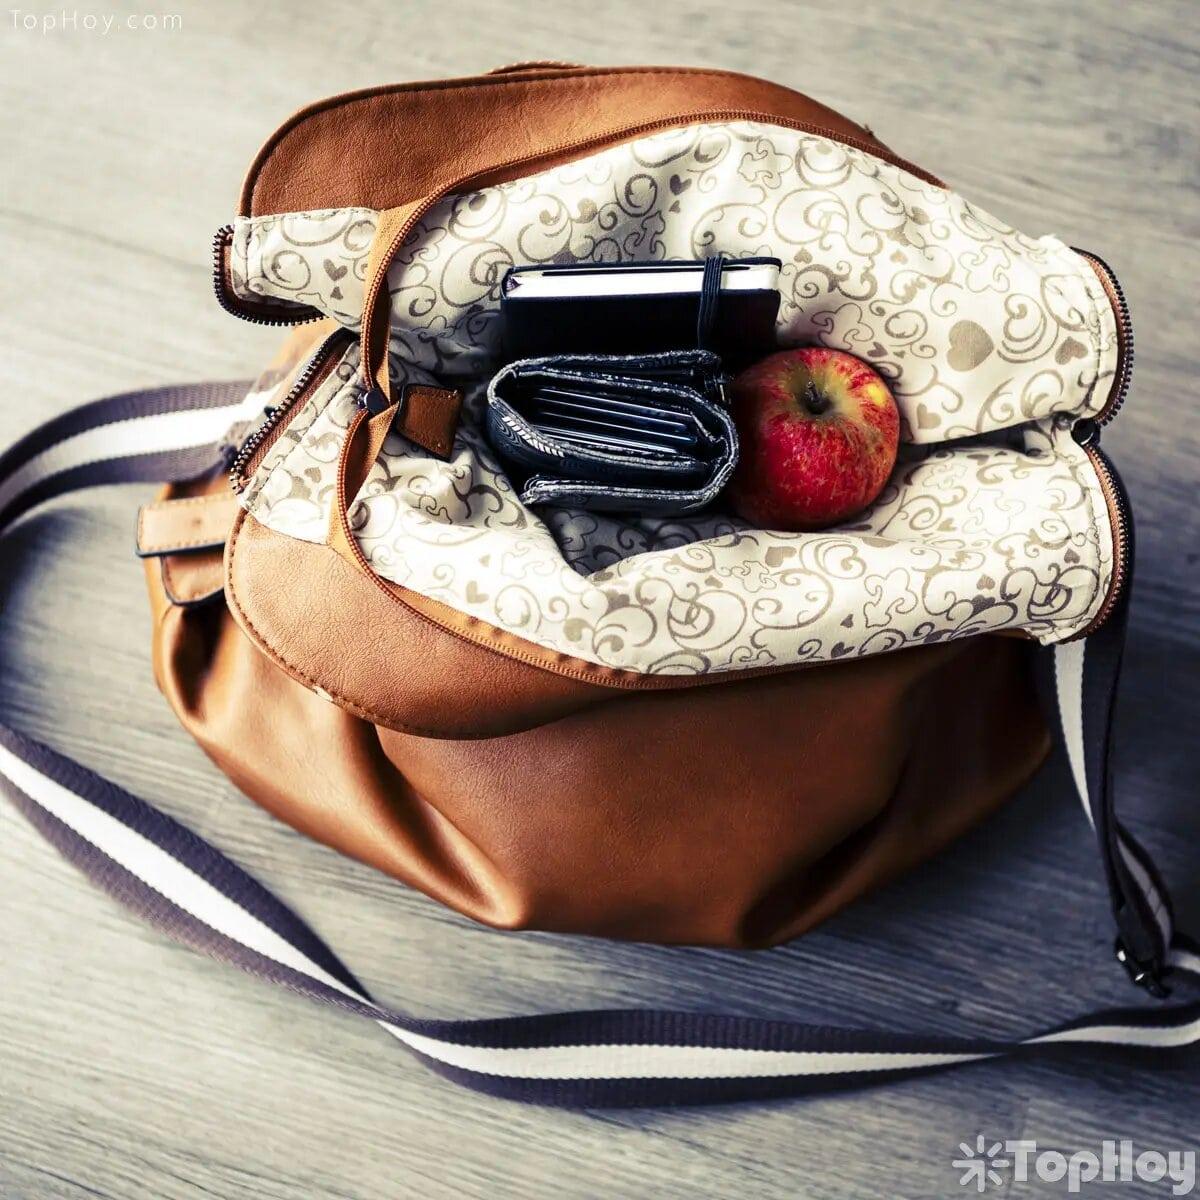 La mayoría de las mujeres piensa que colocar sus carteras en el piso hará que pierdan dinero.